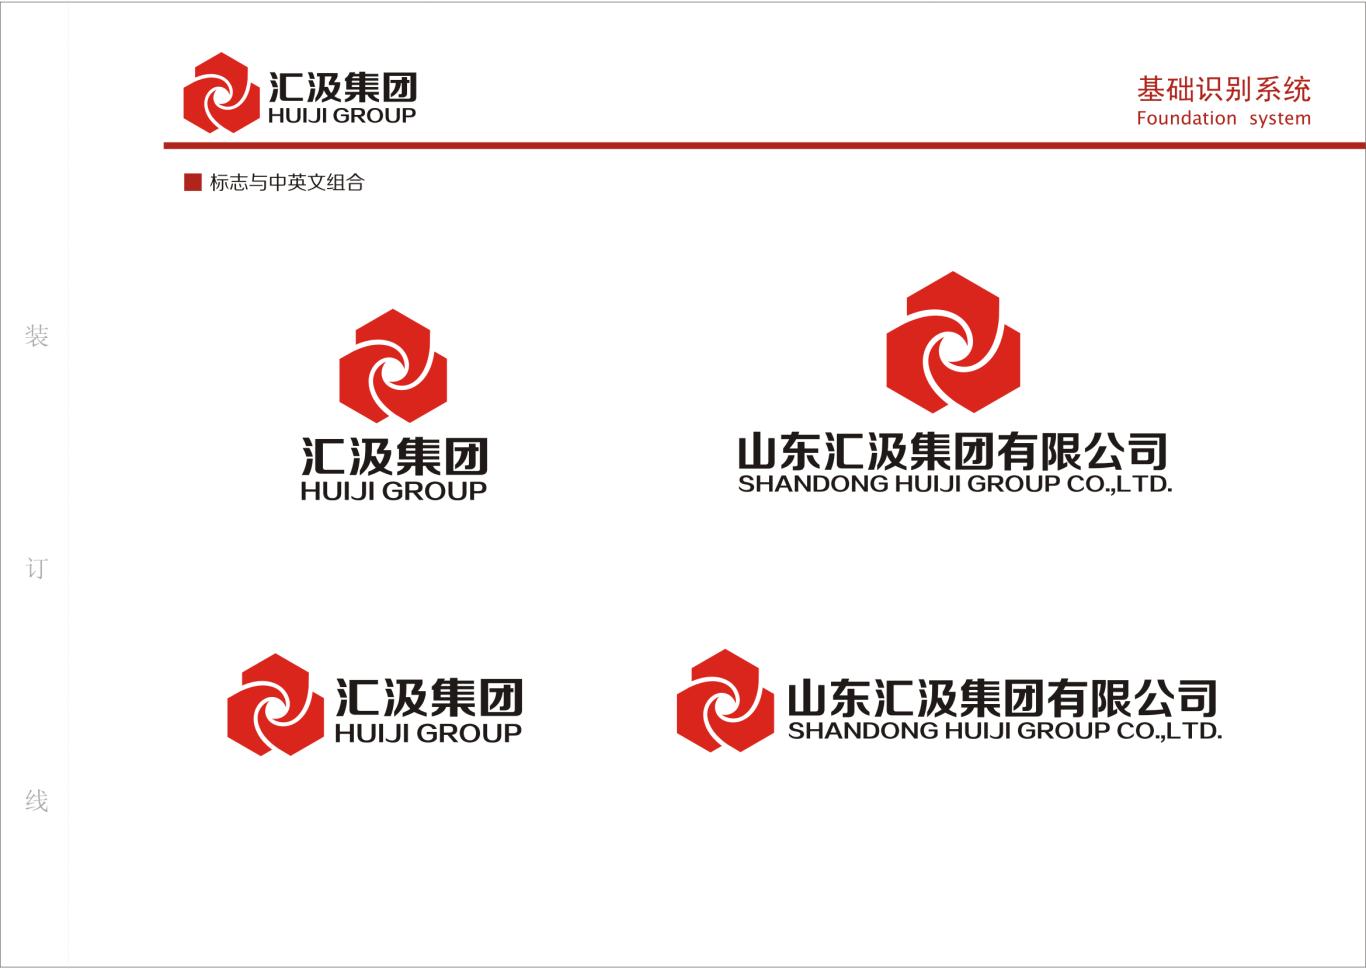 山东汇汲集团有限公司LOGO(客户直接采用)图7